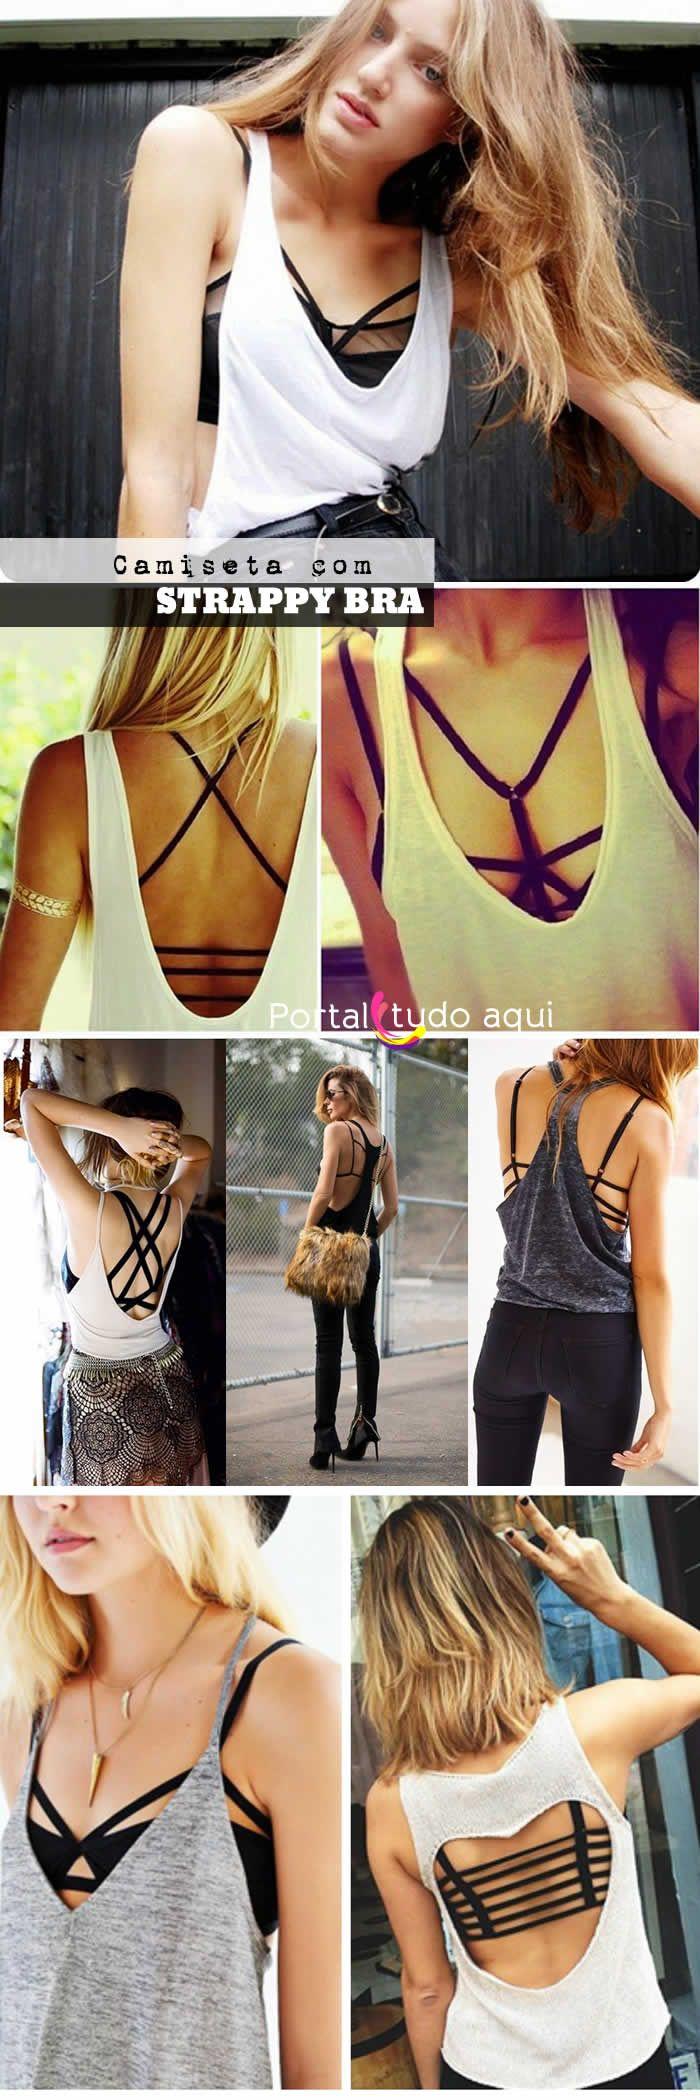 strappy-bra-tendencia-de-moda-com-camiseta